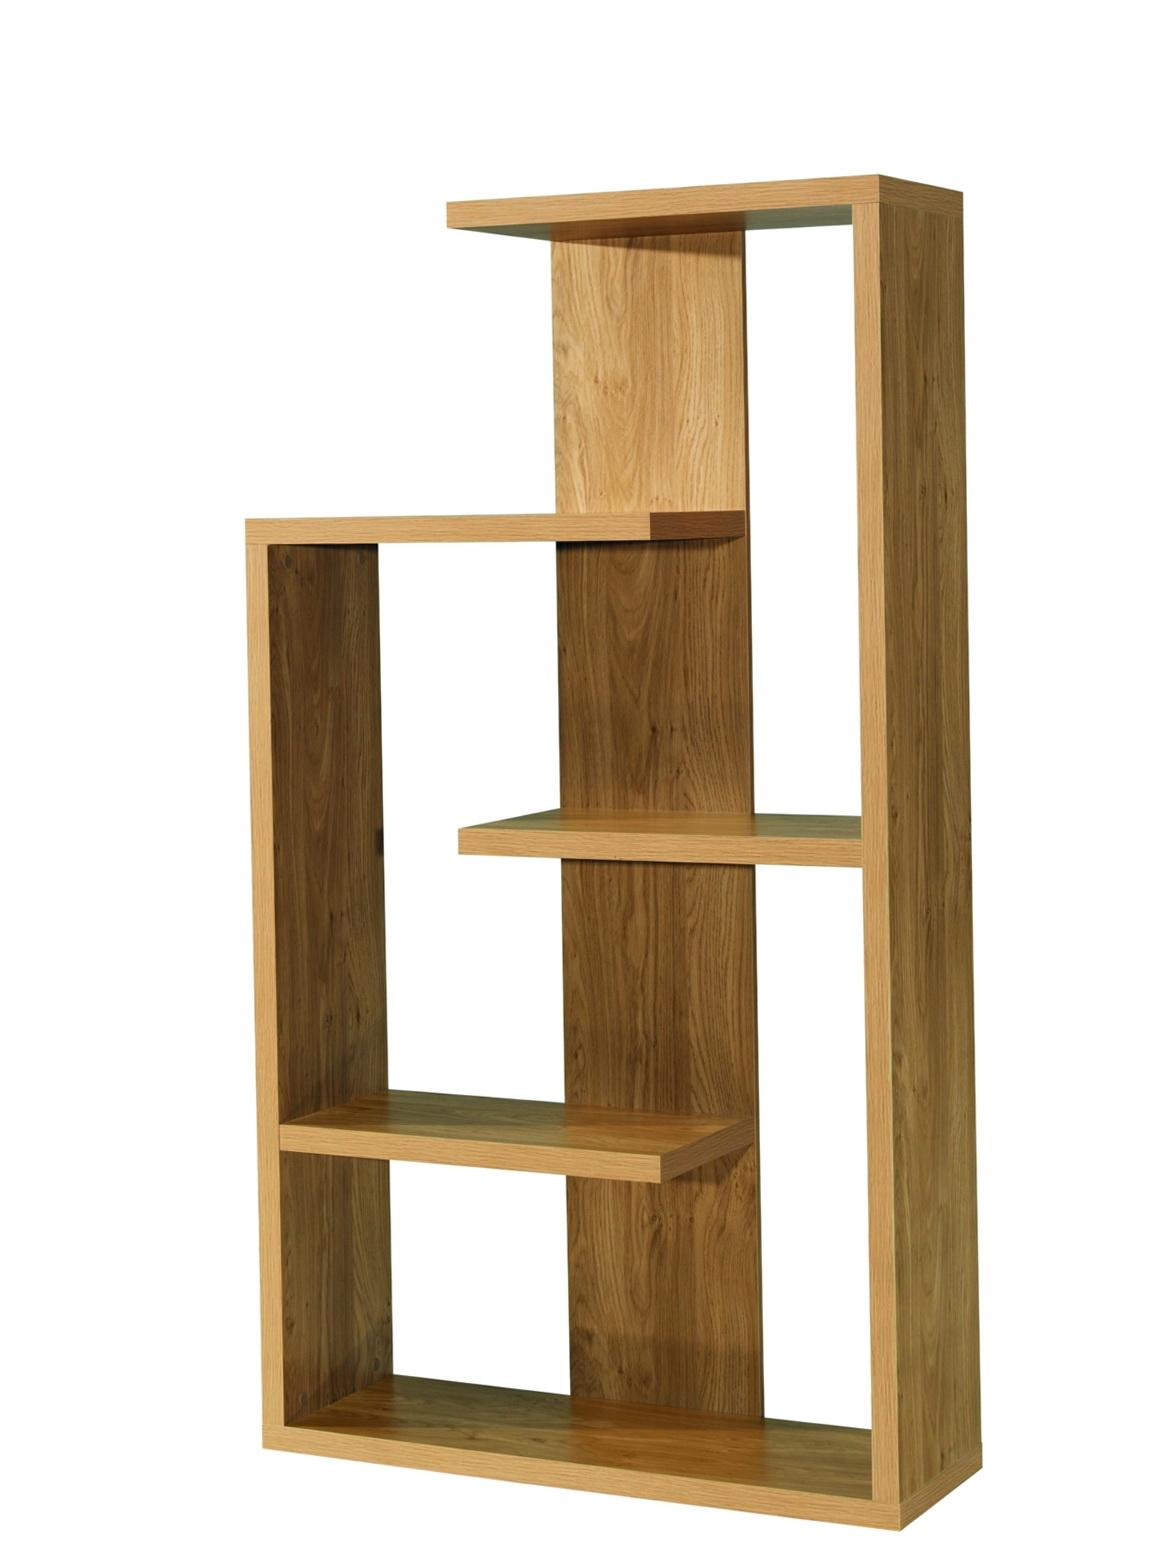 Lack Wall Shelf Unit Review